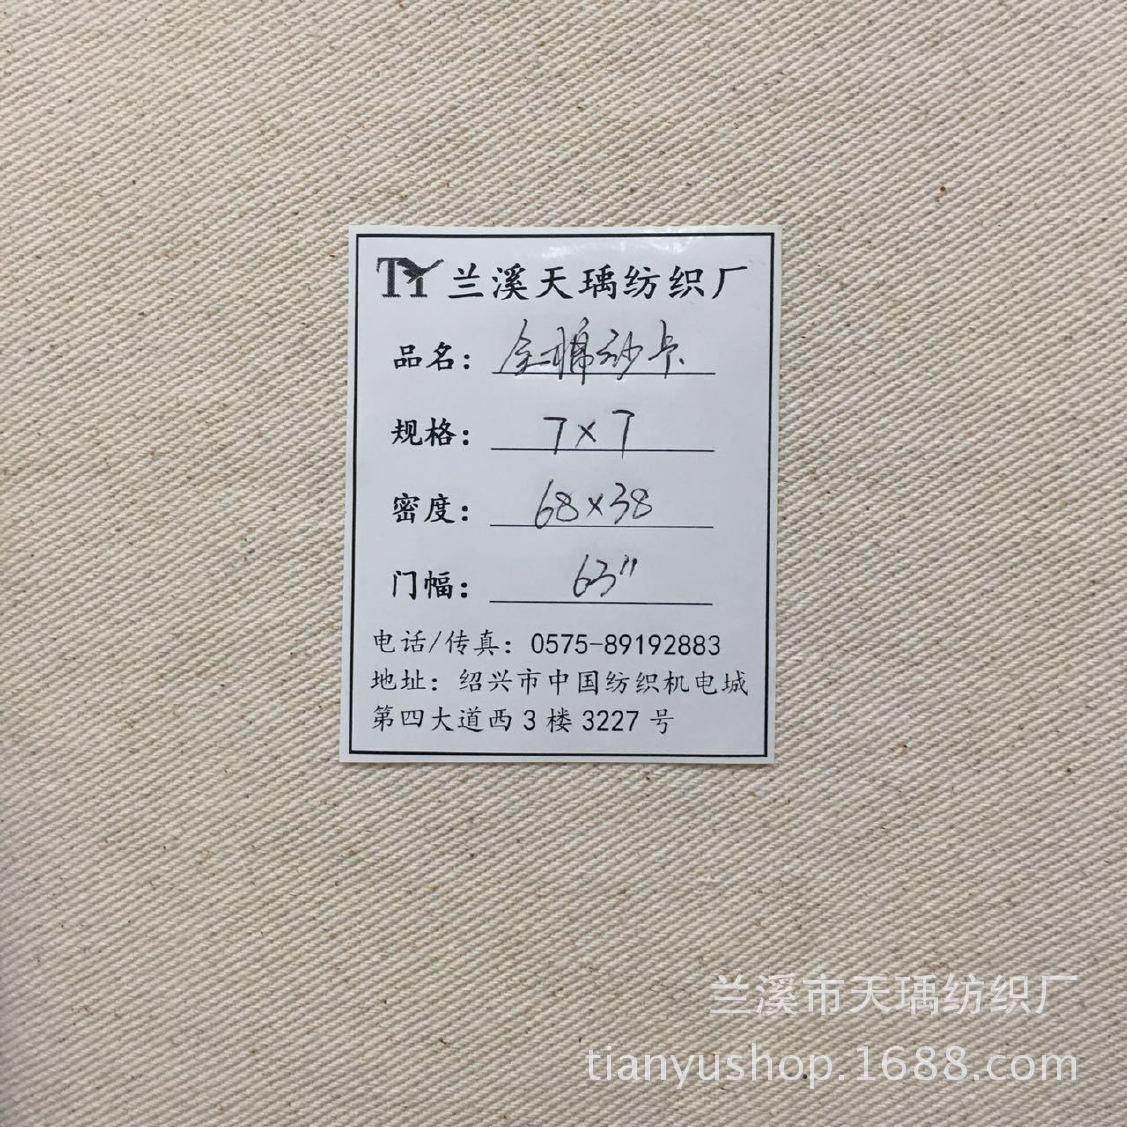 全棉坯布77?#32431;?#30333;坯斜纹,厂家直销,中高档家纺/服装面料